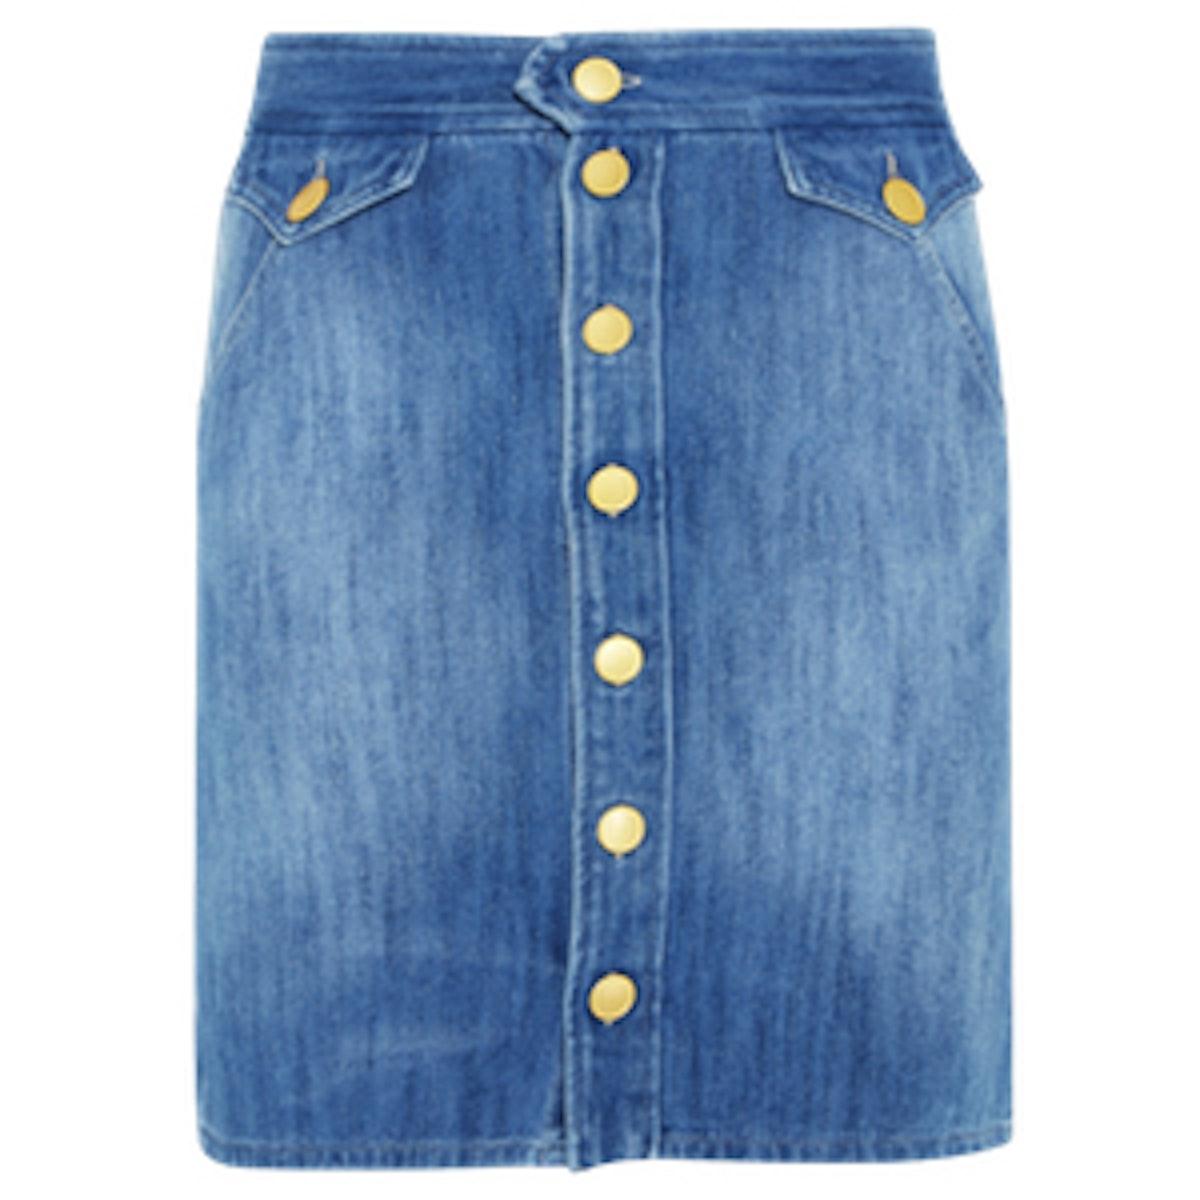 Odelle Denim Mini Skirt